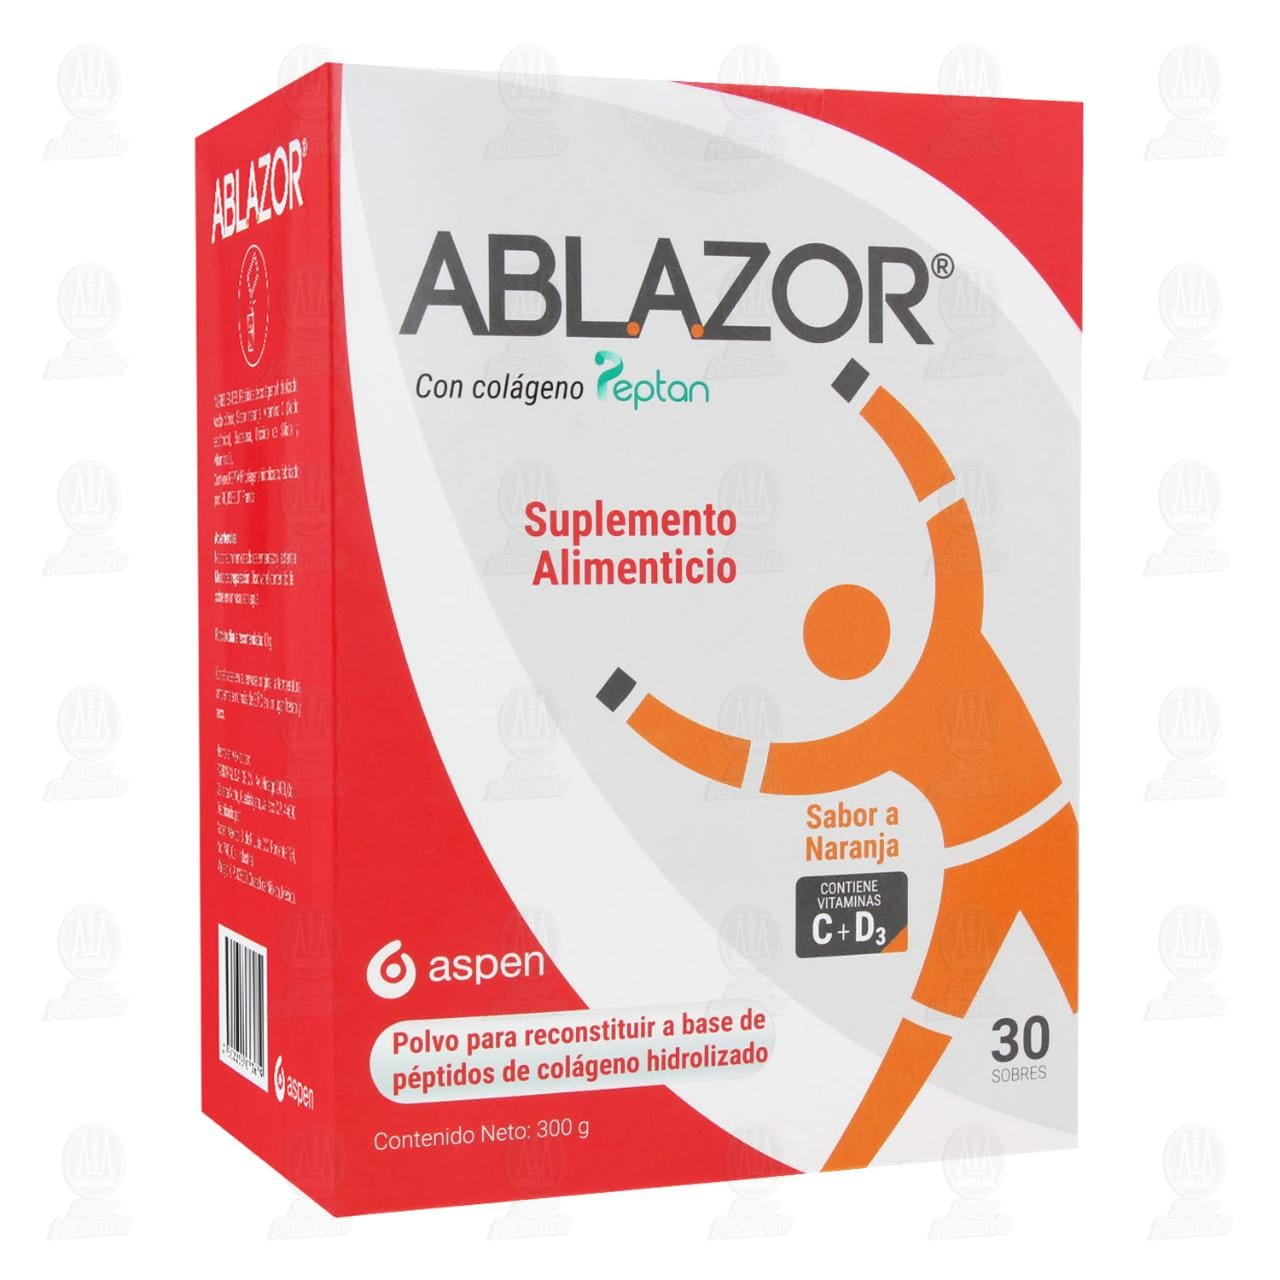 Comprar Ablazor con Colágeno Peptan en Polvo Sabor Naranja 300 gr en Farmacias Guadalajara